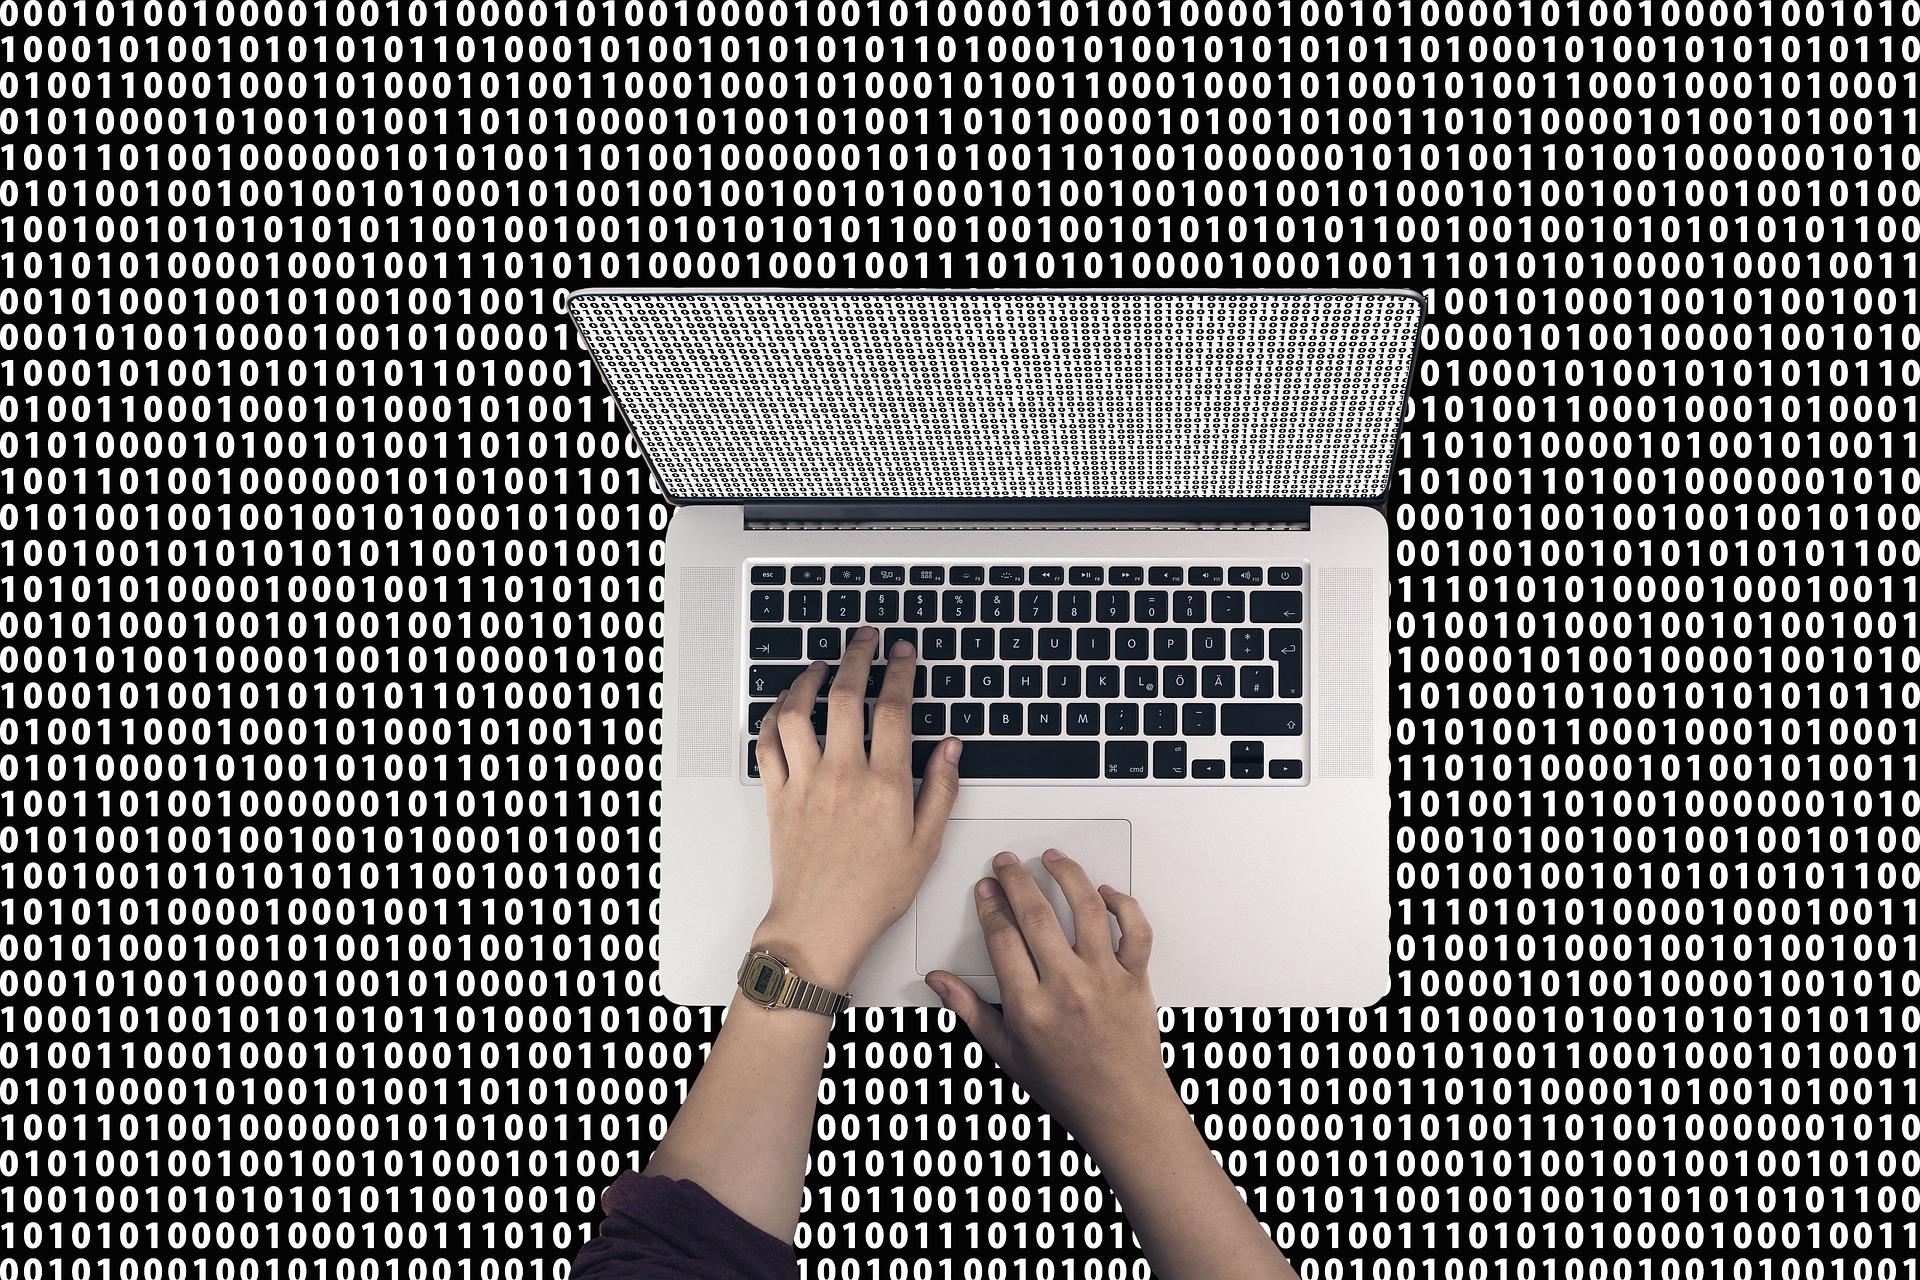 未経験からプログラマーへ転職したい人は失敗しない為に何からする?